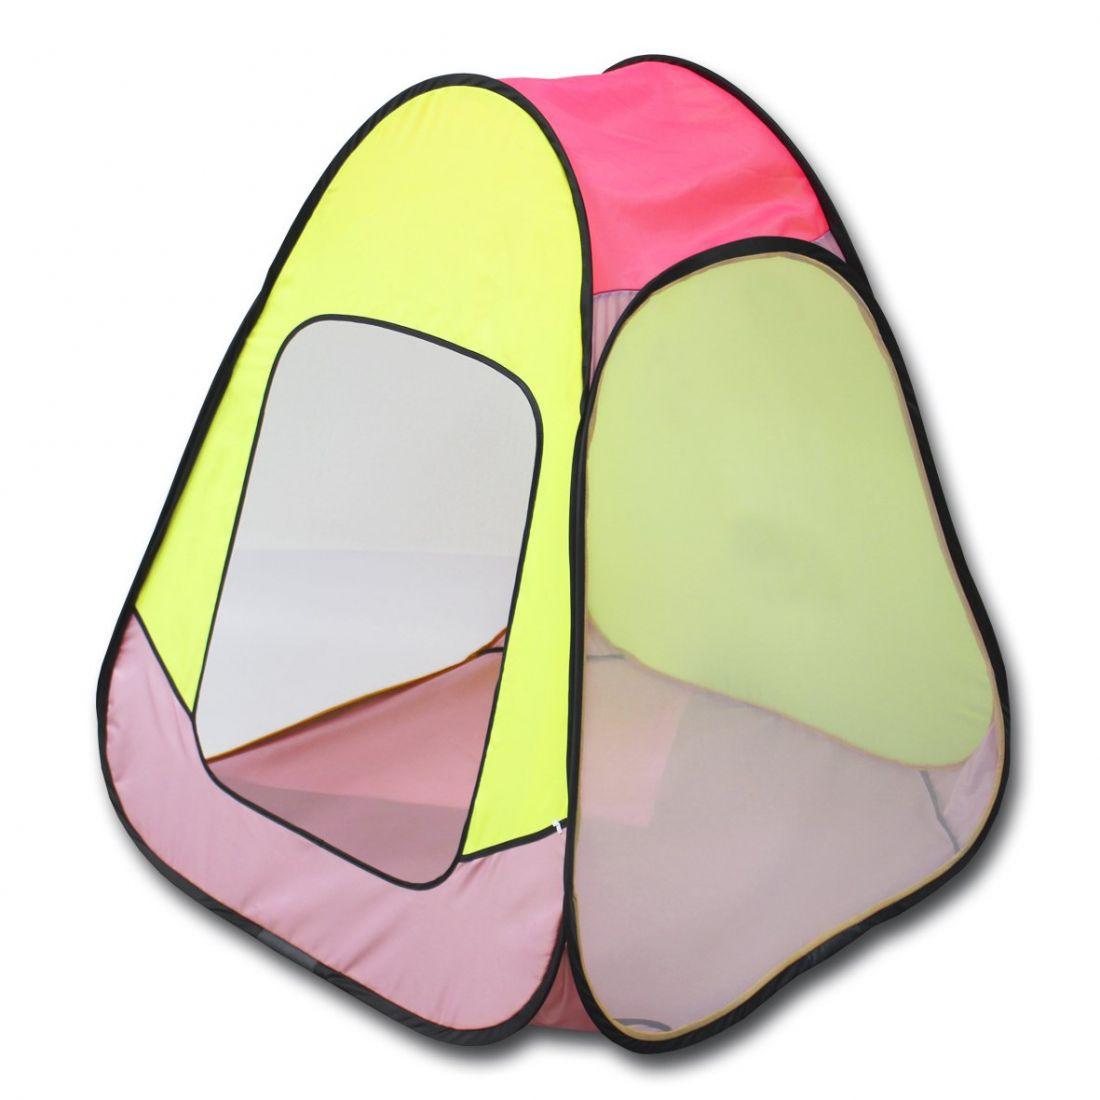 Палатка BELON FAMILIA ПИ-004-КМ-ТФ2 Конусная 4гр., жёлто-розовая